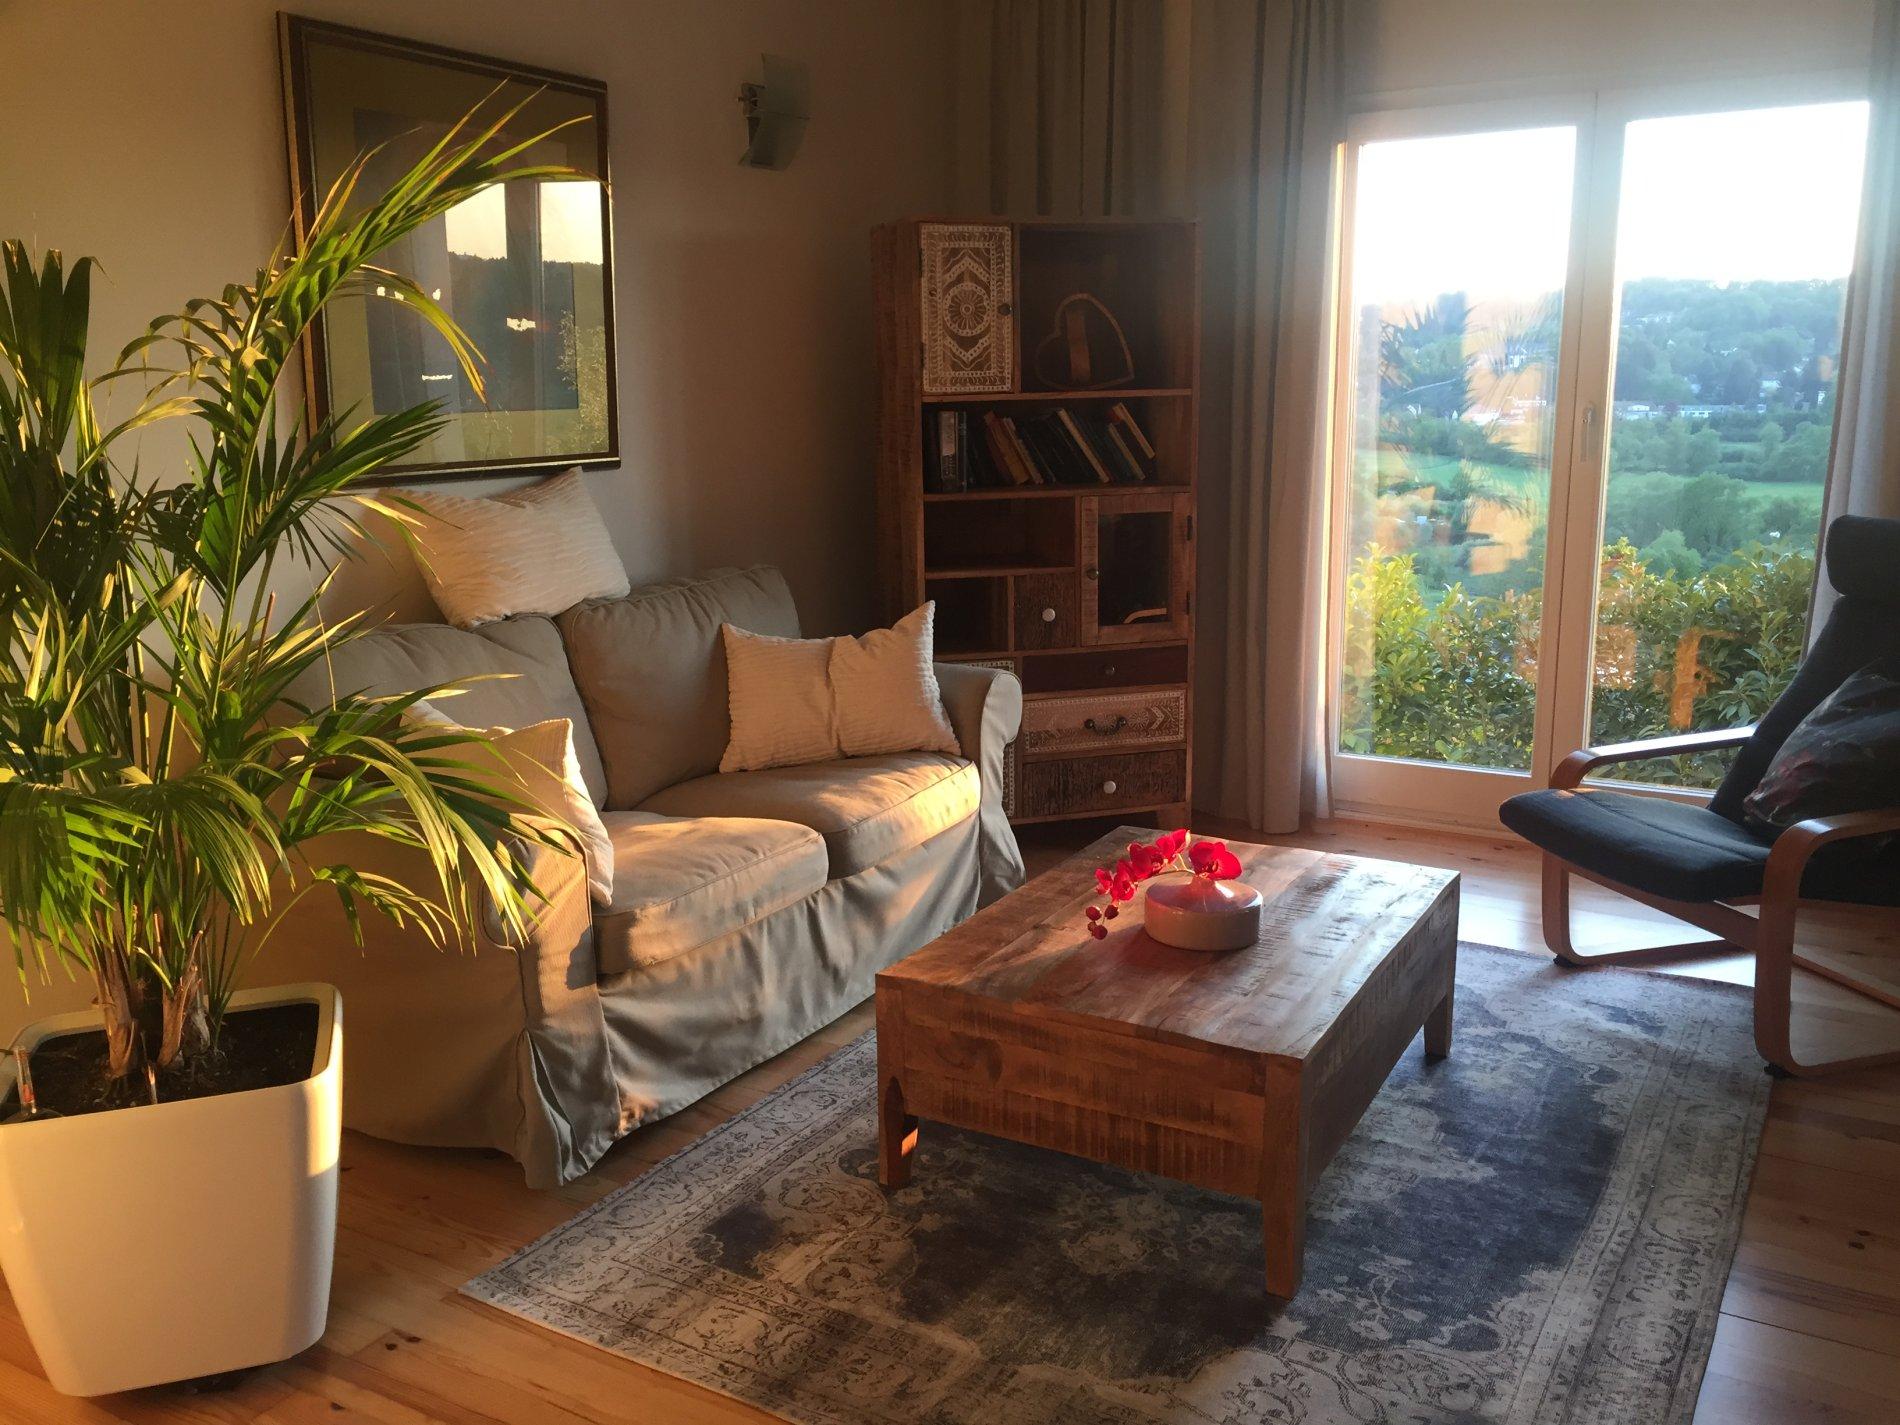 Wohnzimmer mit Sofa, Sessel, Couchtisch und Bücherregal